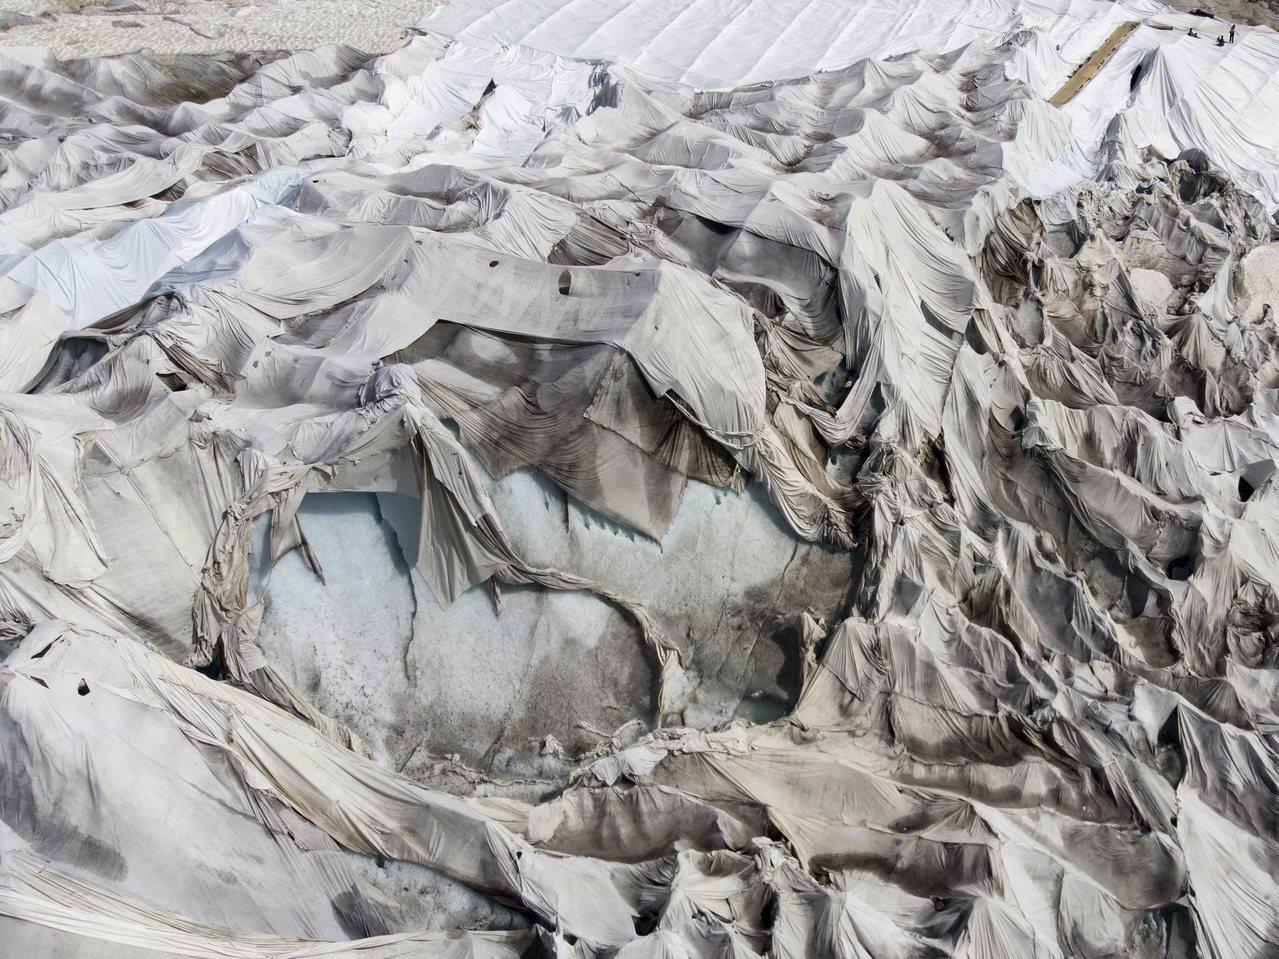 當地居民在冰川上架設白布。歐新社